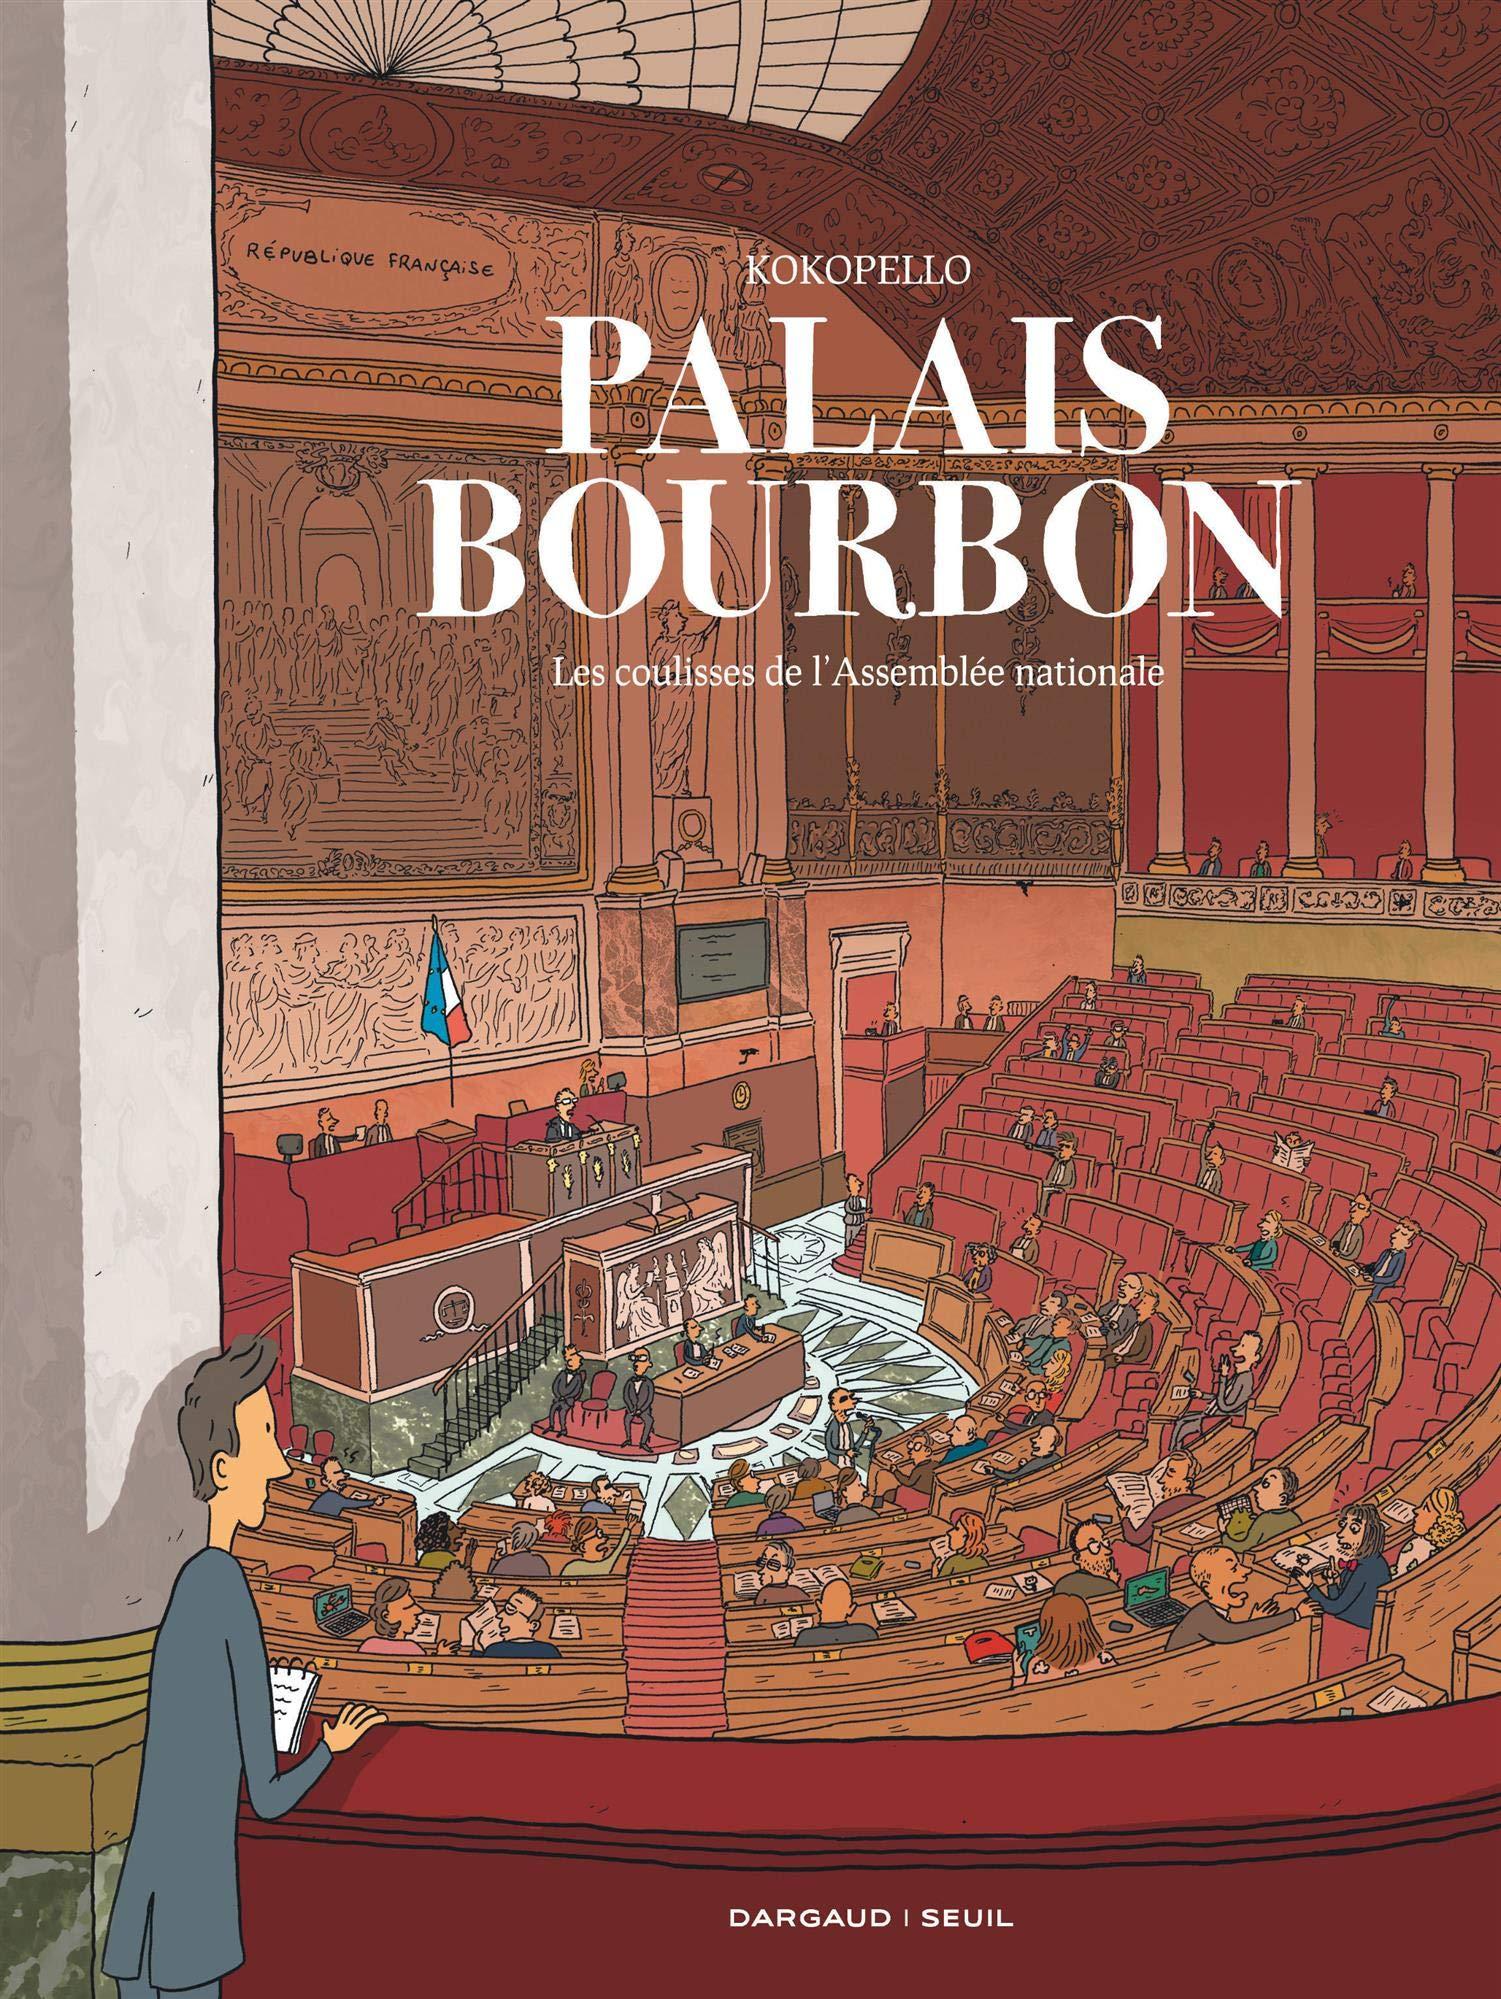 Palais-Bourbon 1 - Les coulisses de l'Assemblée nationale